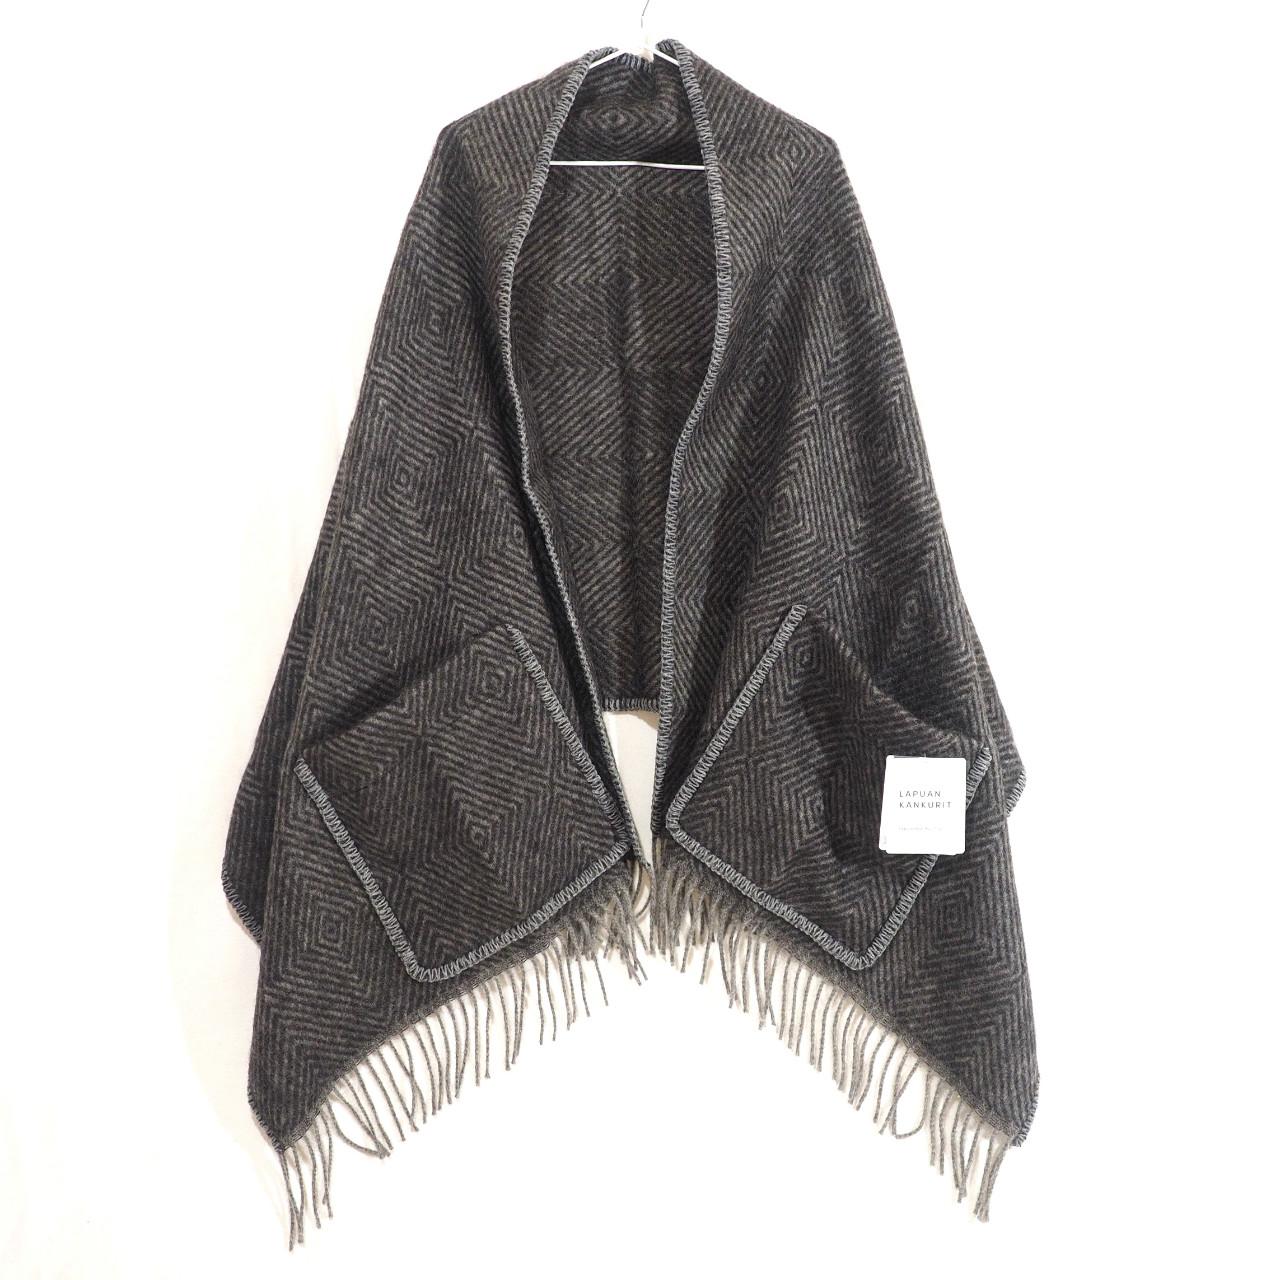 MARIA pocket shawl(black-grey)ラプアン カンクリ